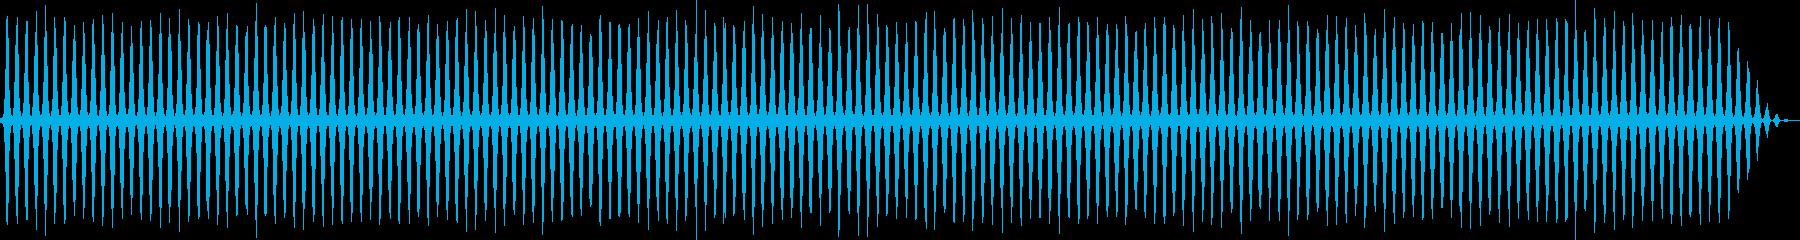 レトロゲームにありそうなヘリコプターの音の再生済みの波形